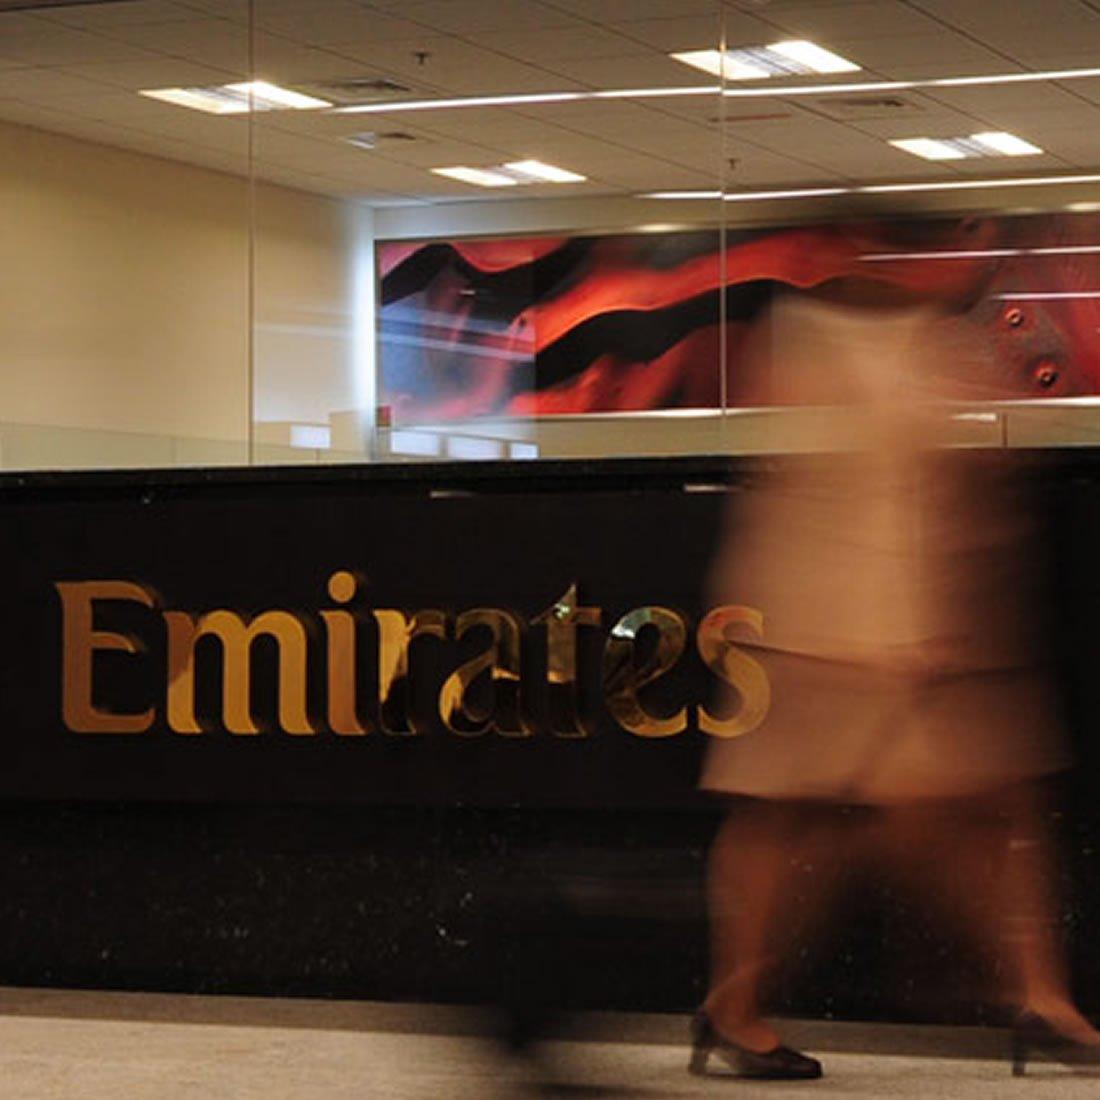 Branding agency work for Emirates, Dubai